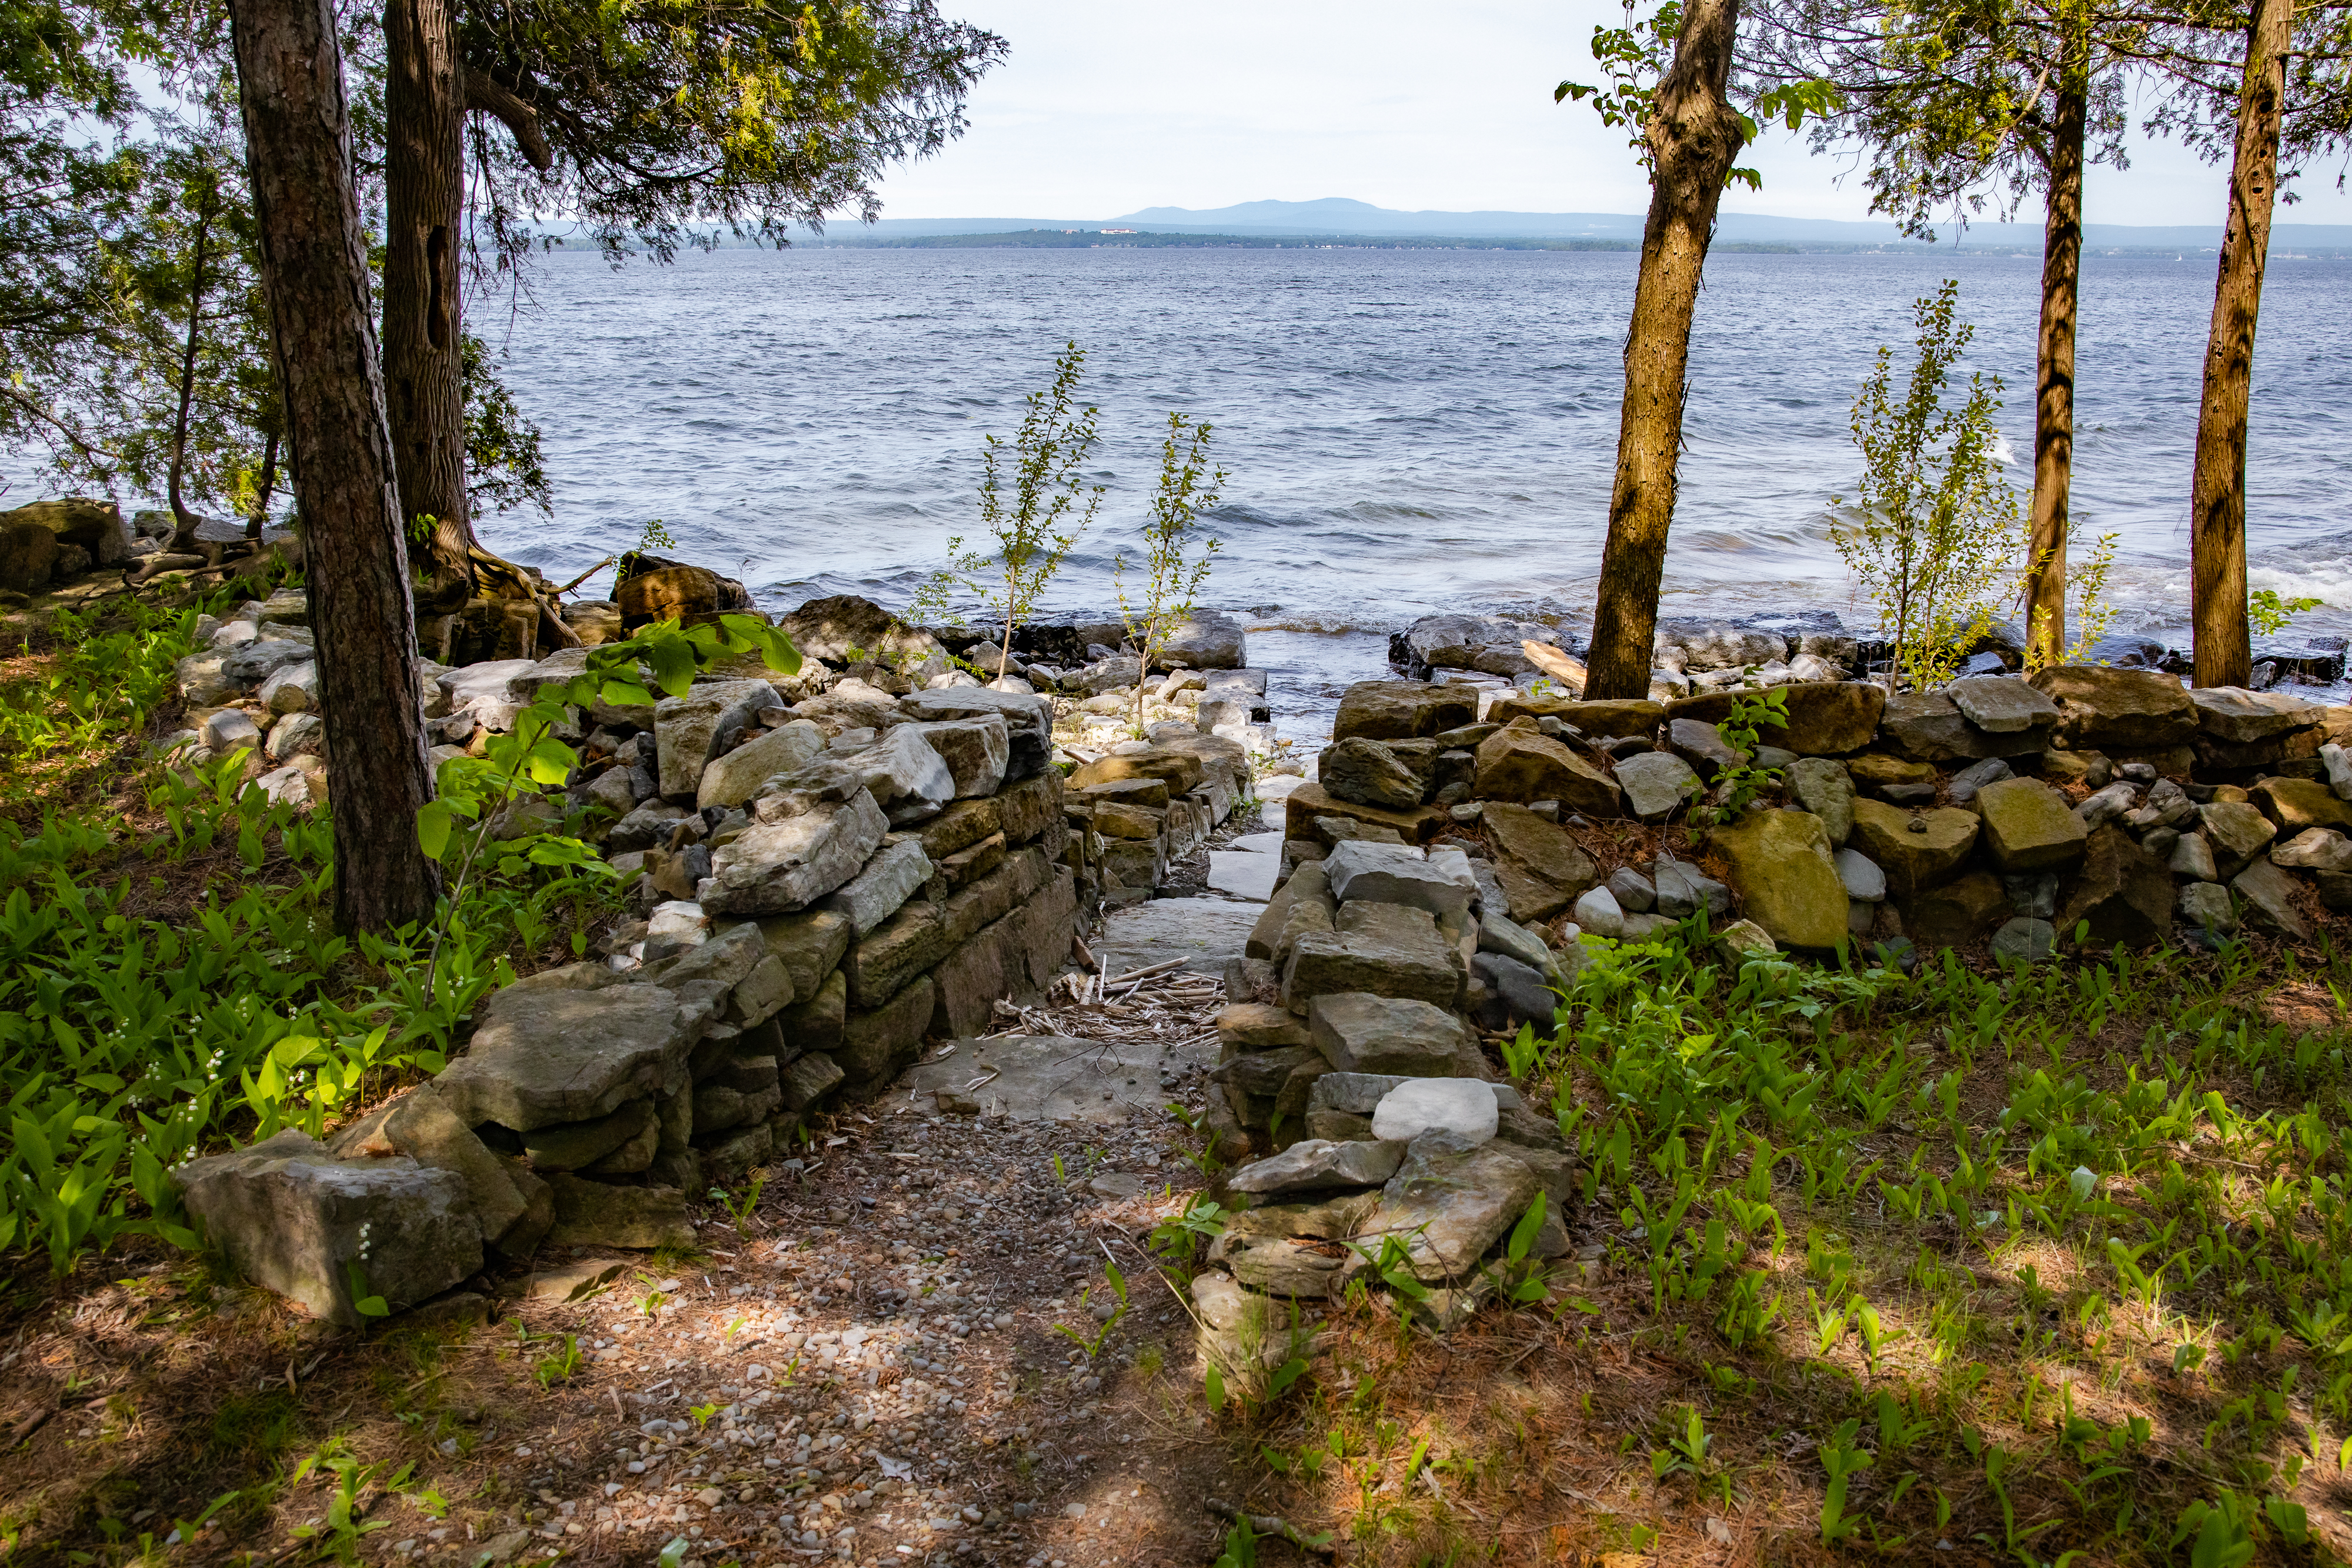 341 West Shore Road - View